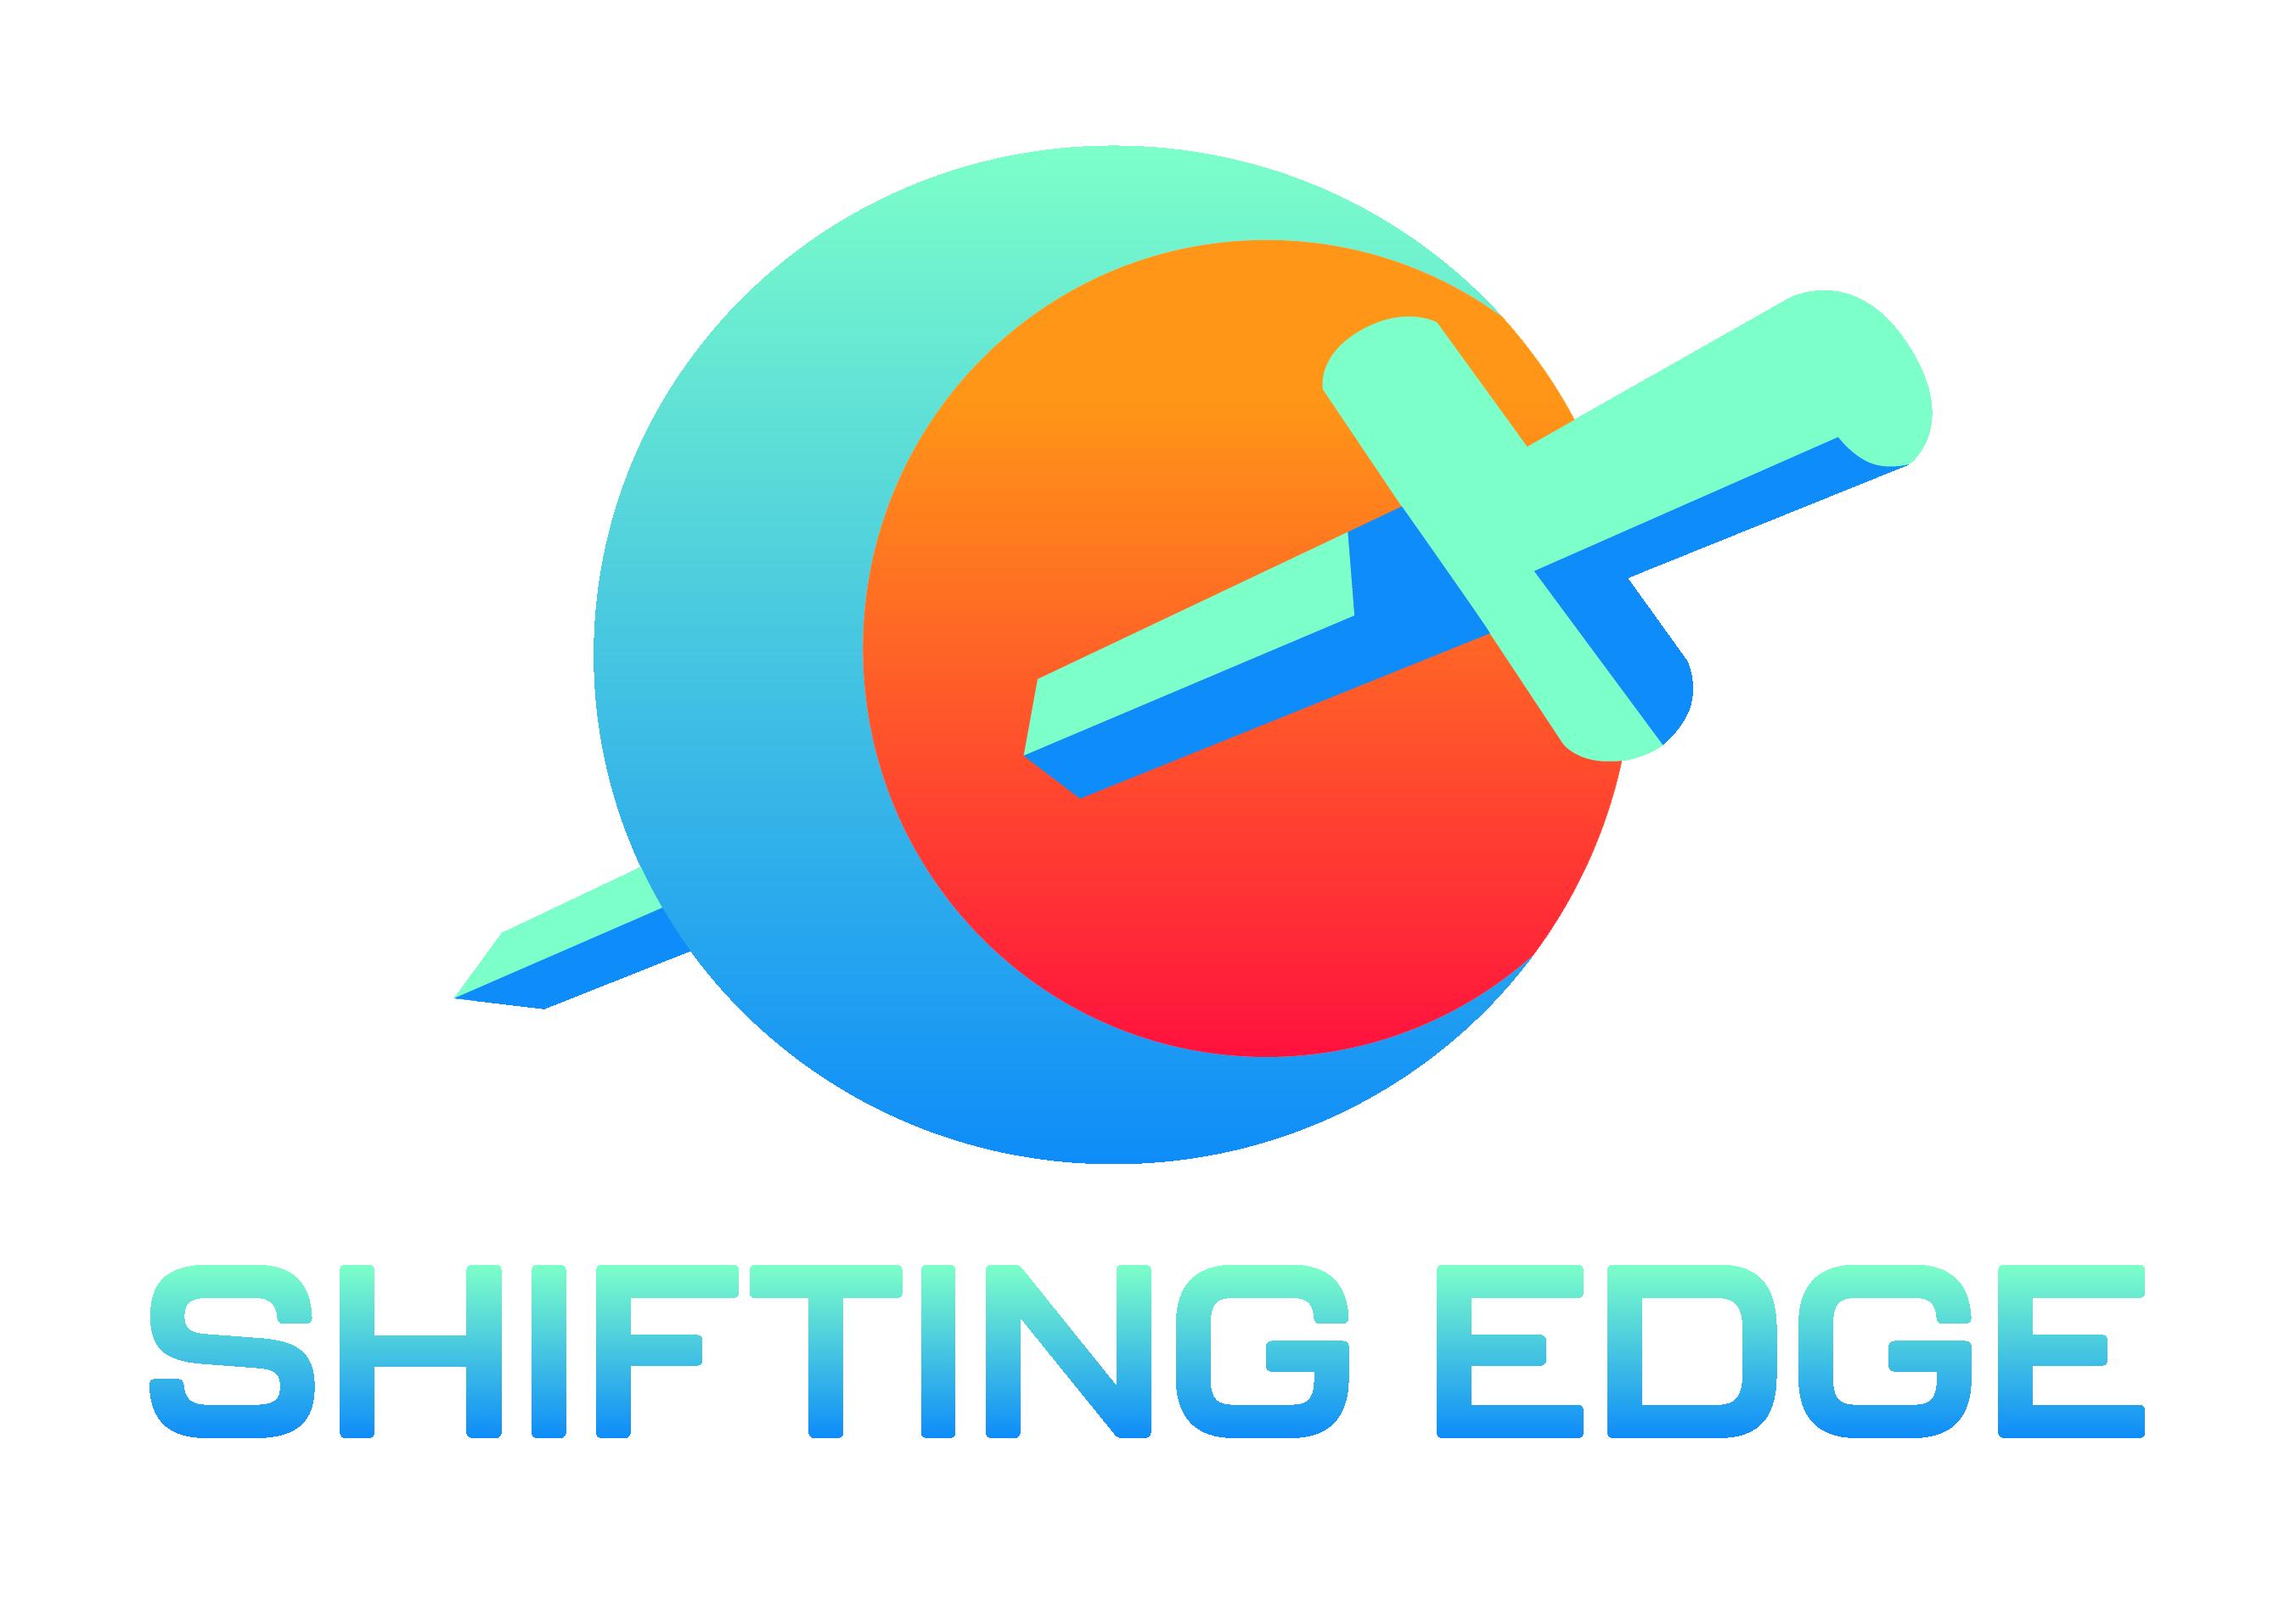 Shifting Edge